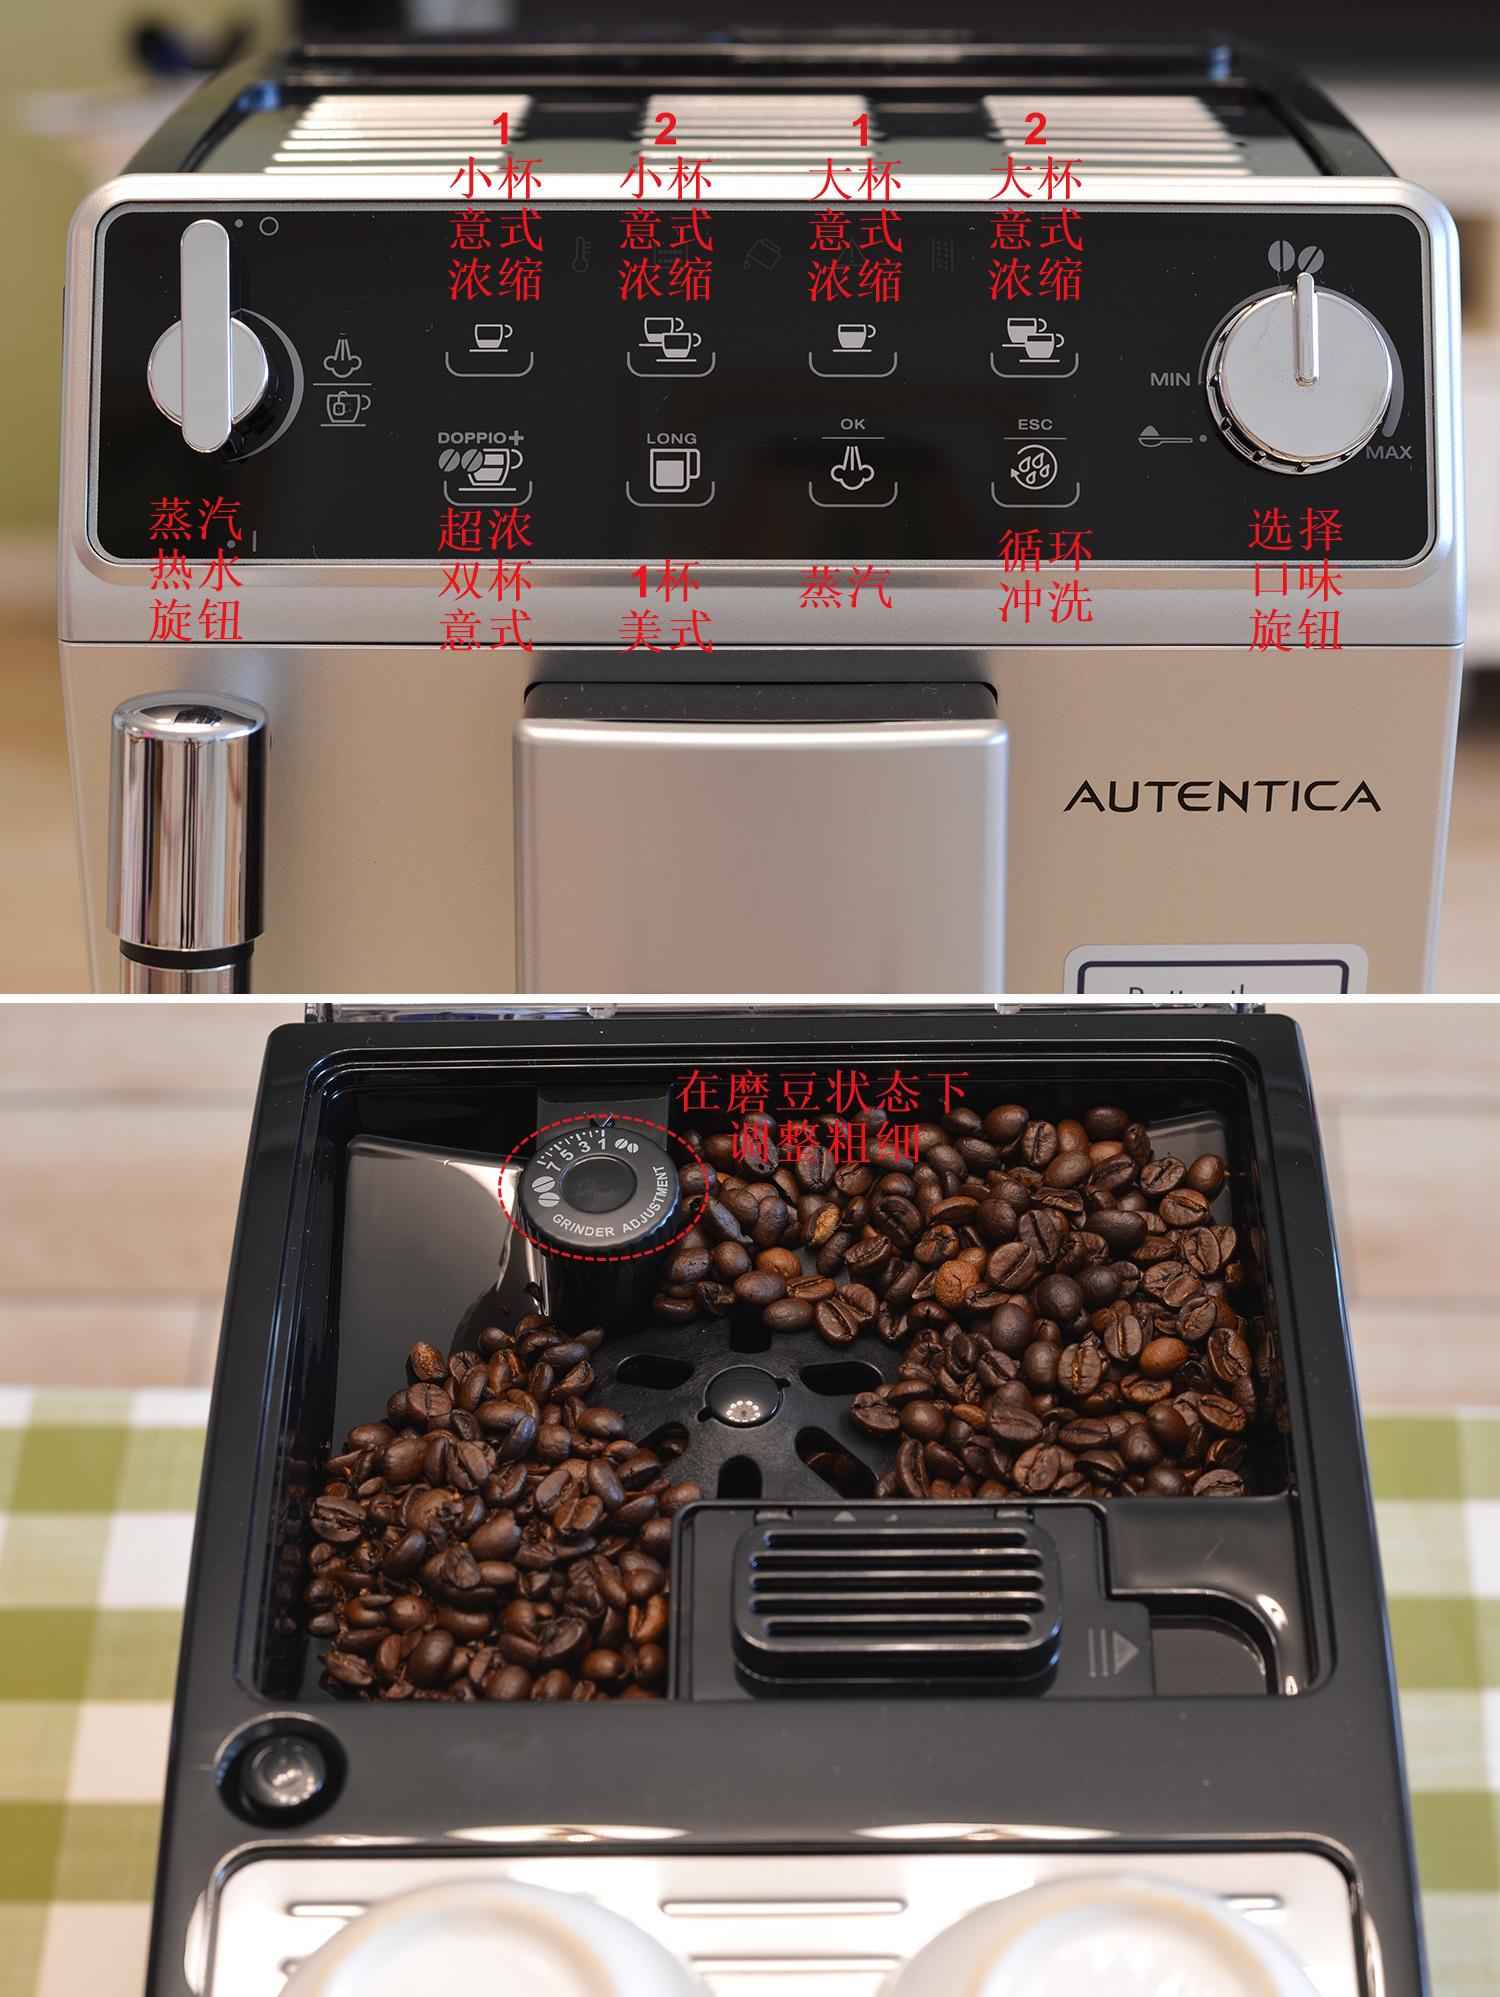 德龙ETAM29.510.SB咖啡机真实使用感受,真是太棒了